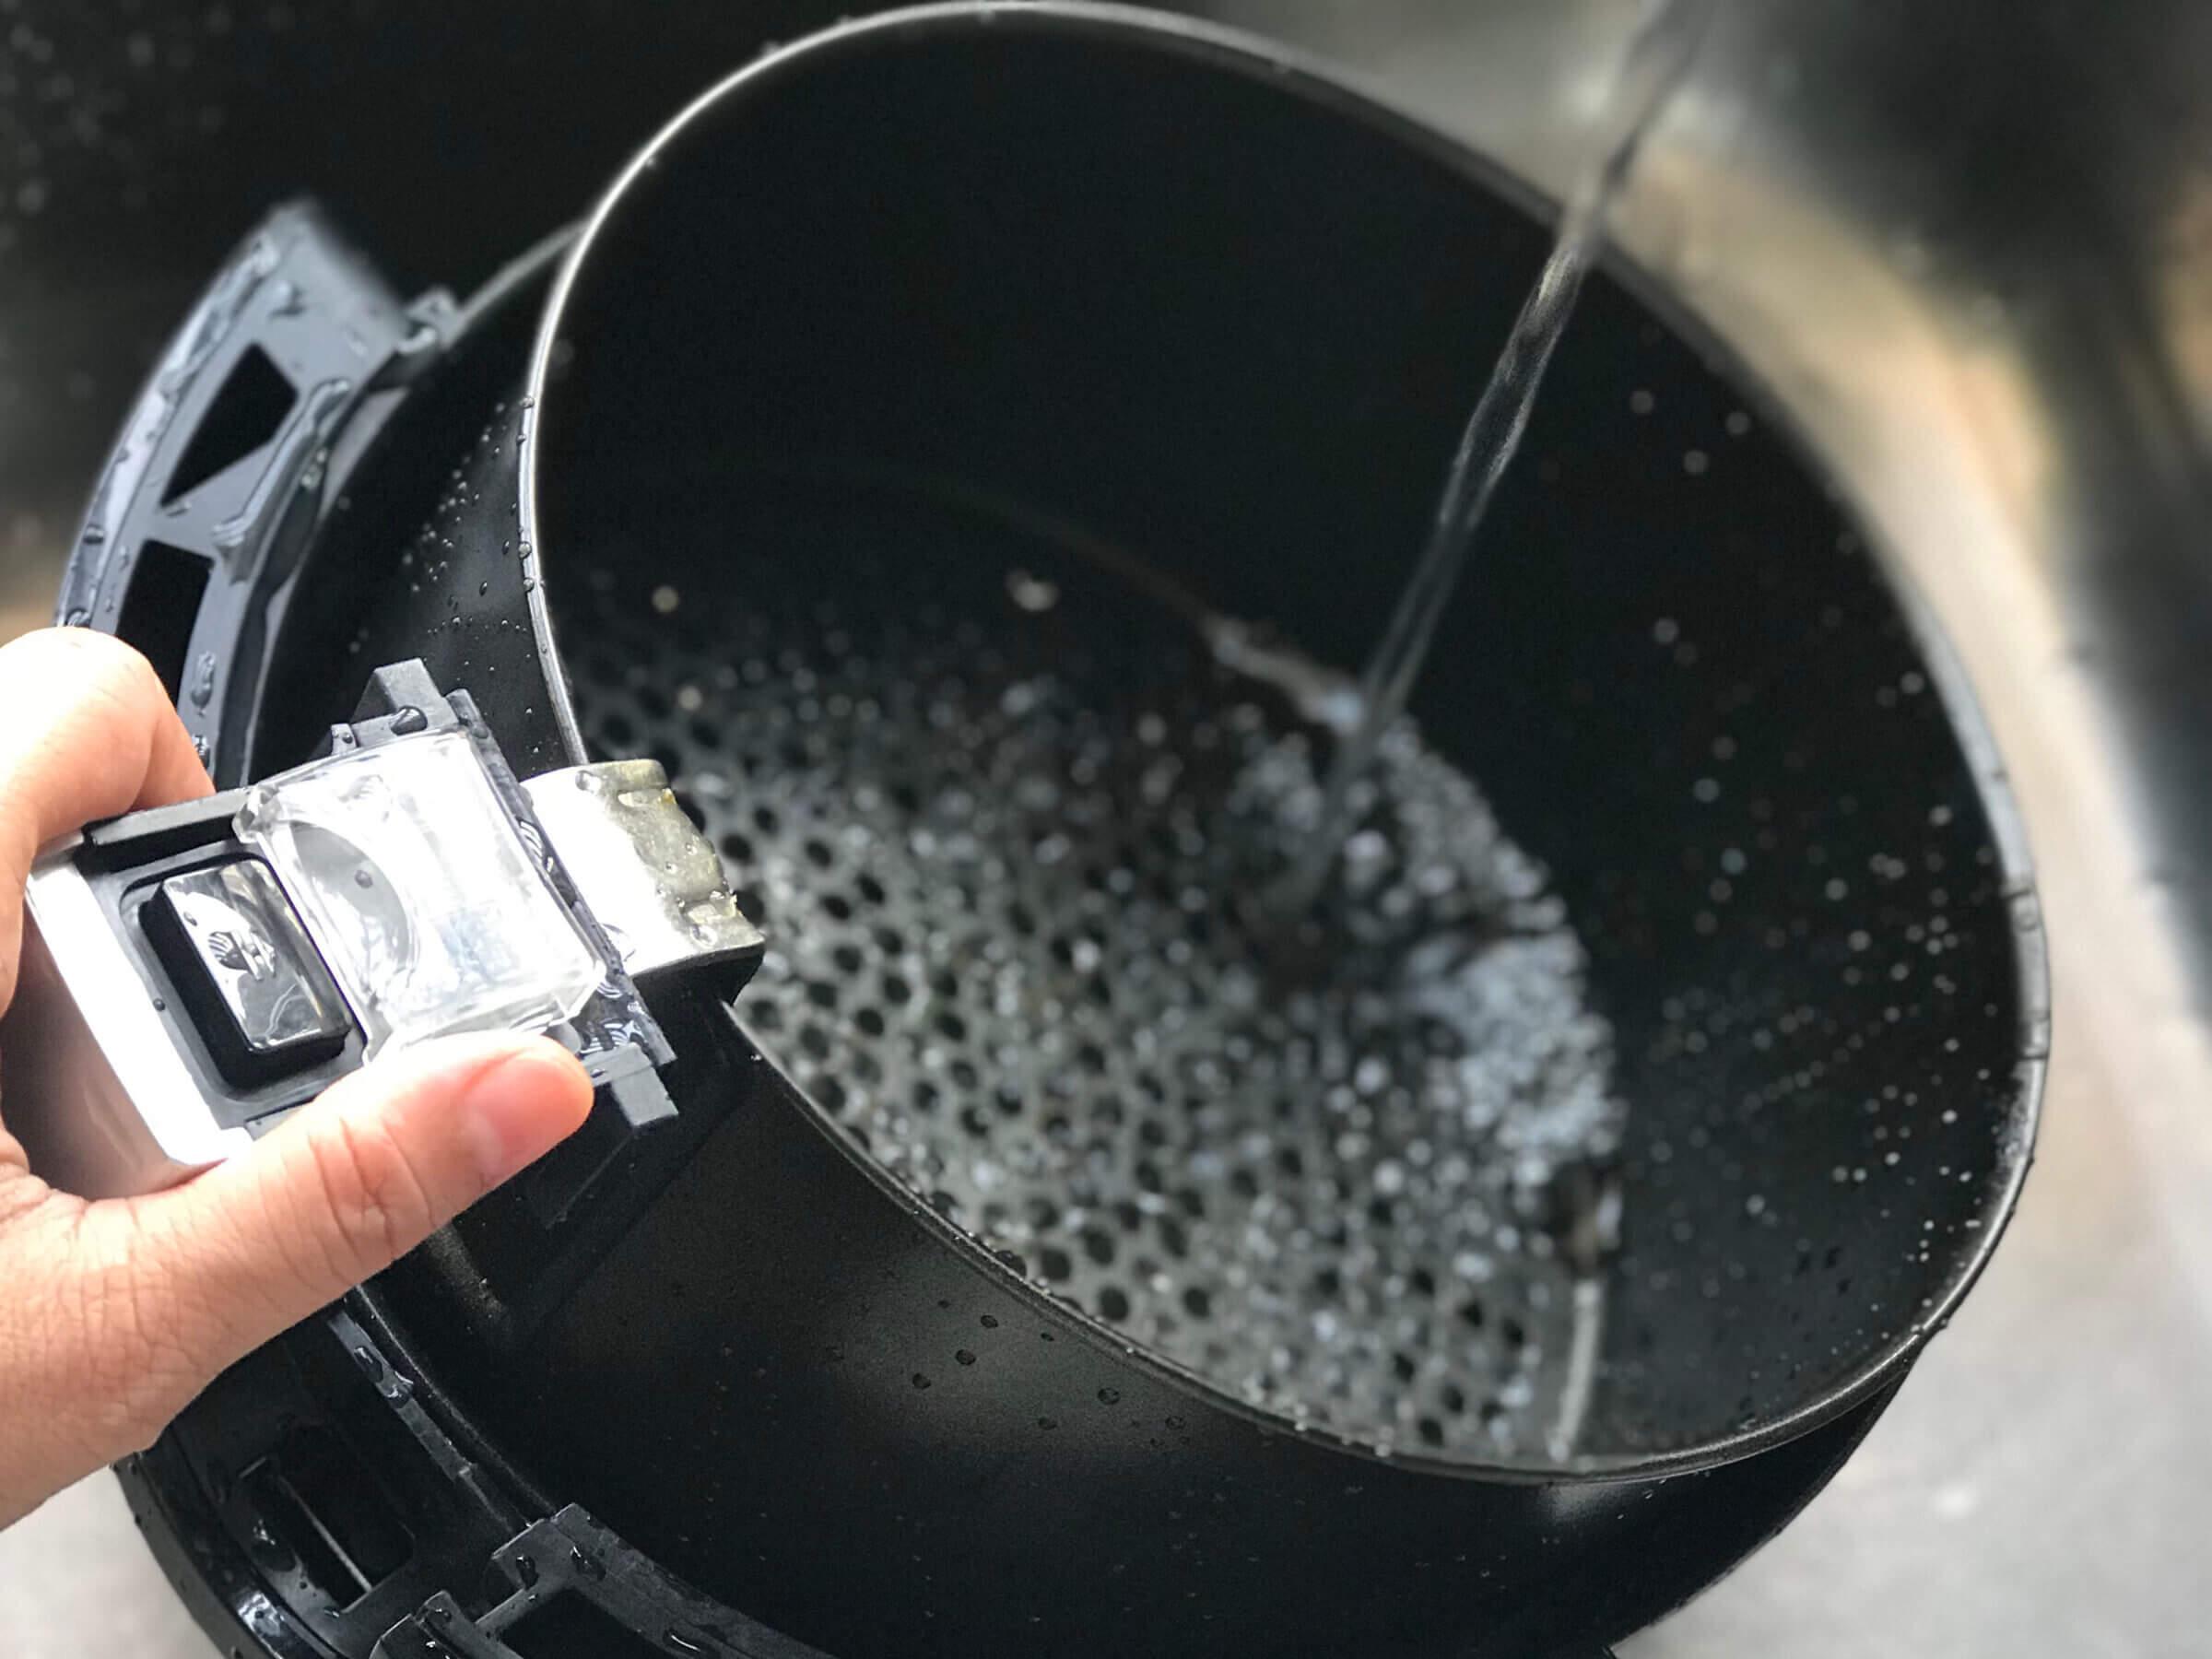 Air fryer basket being washed under running water